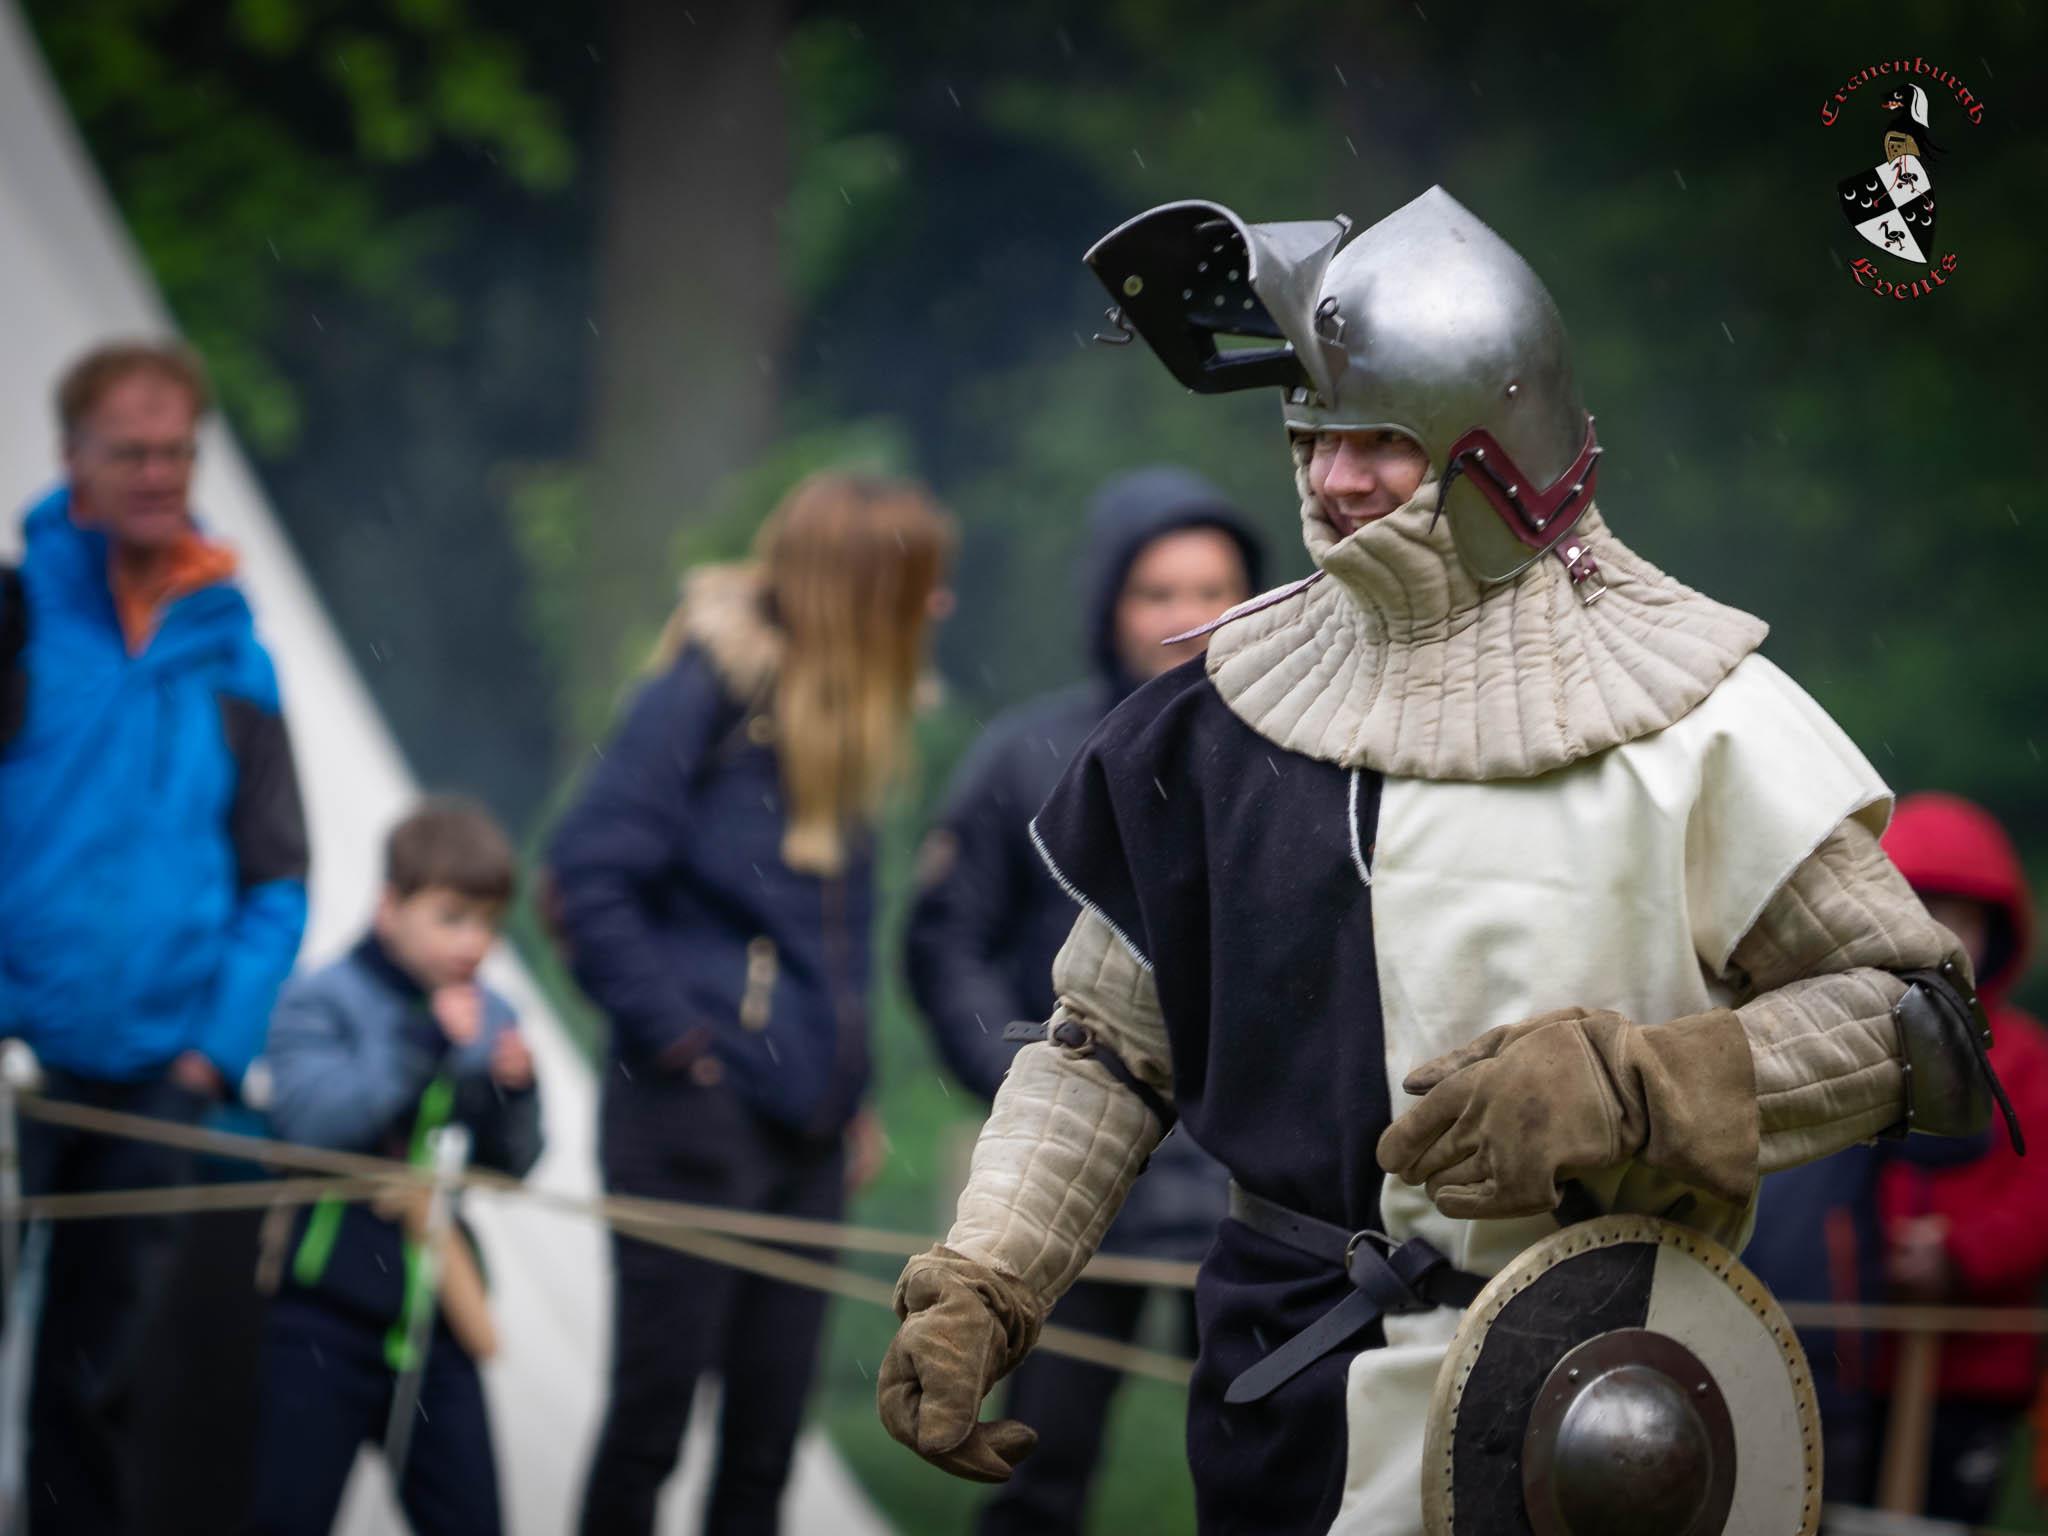 Middeleeuws-Festijn-Cannenburgh-2019-Ellen-la-Faille-48